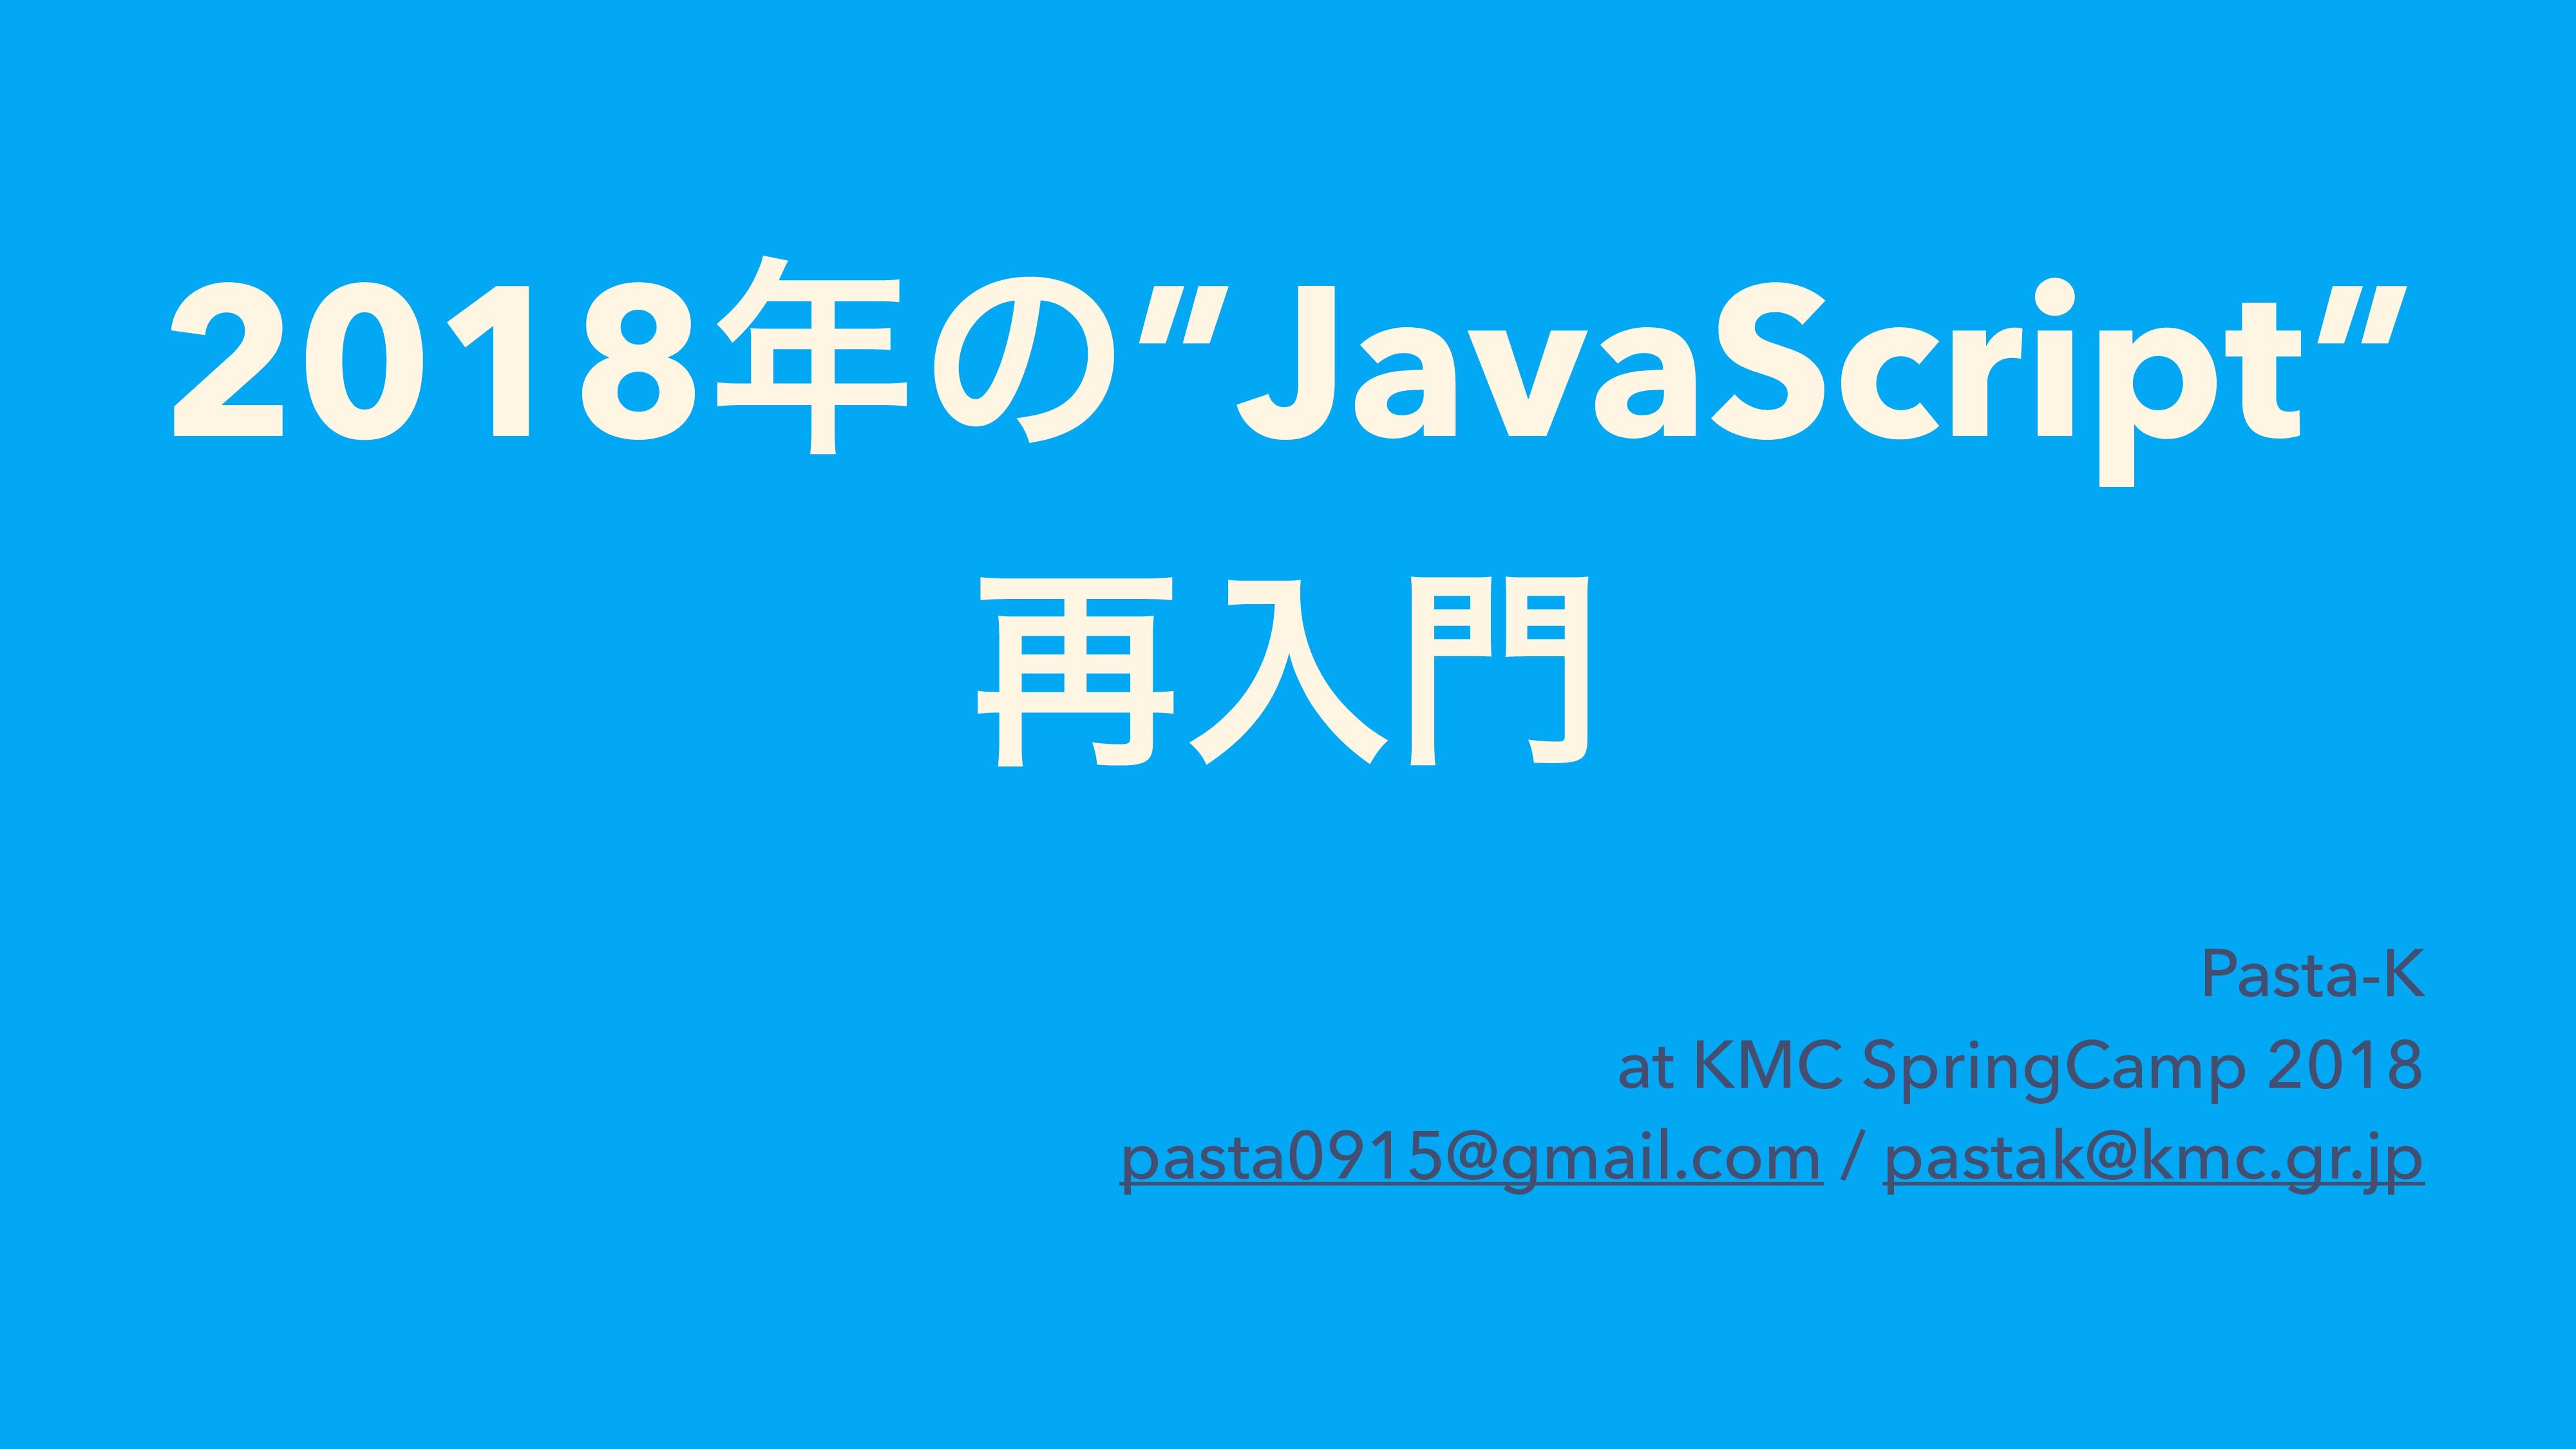 """2018ͷ""""JavaScript"""" ࠶ೖ Pasta-K at KMC SpringCam..."""